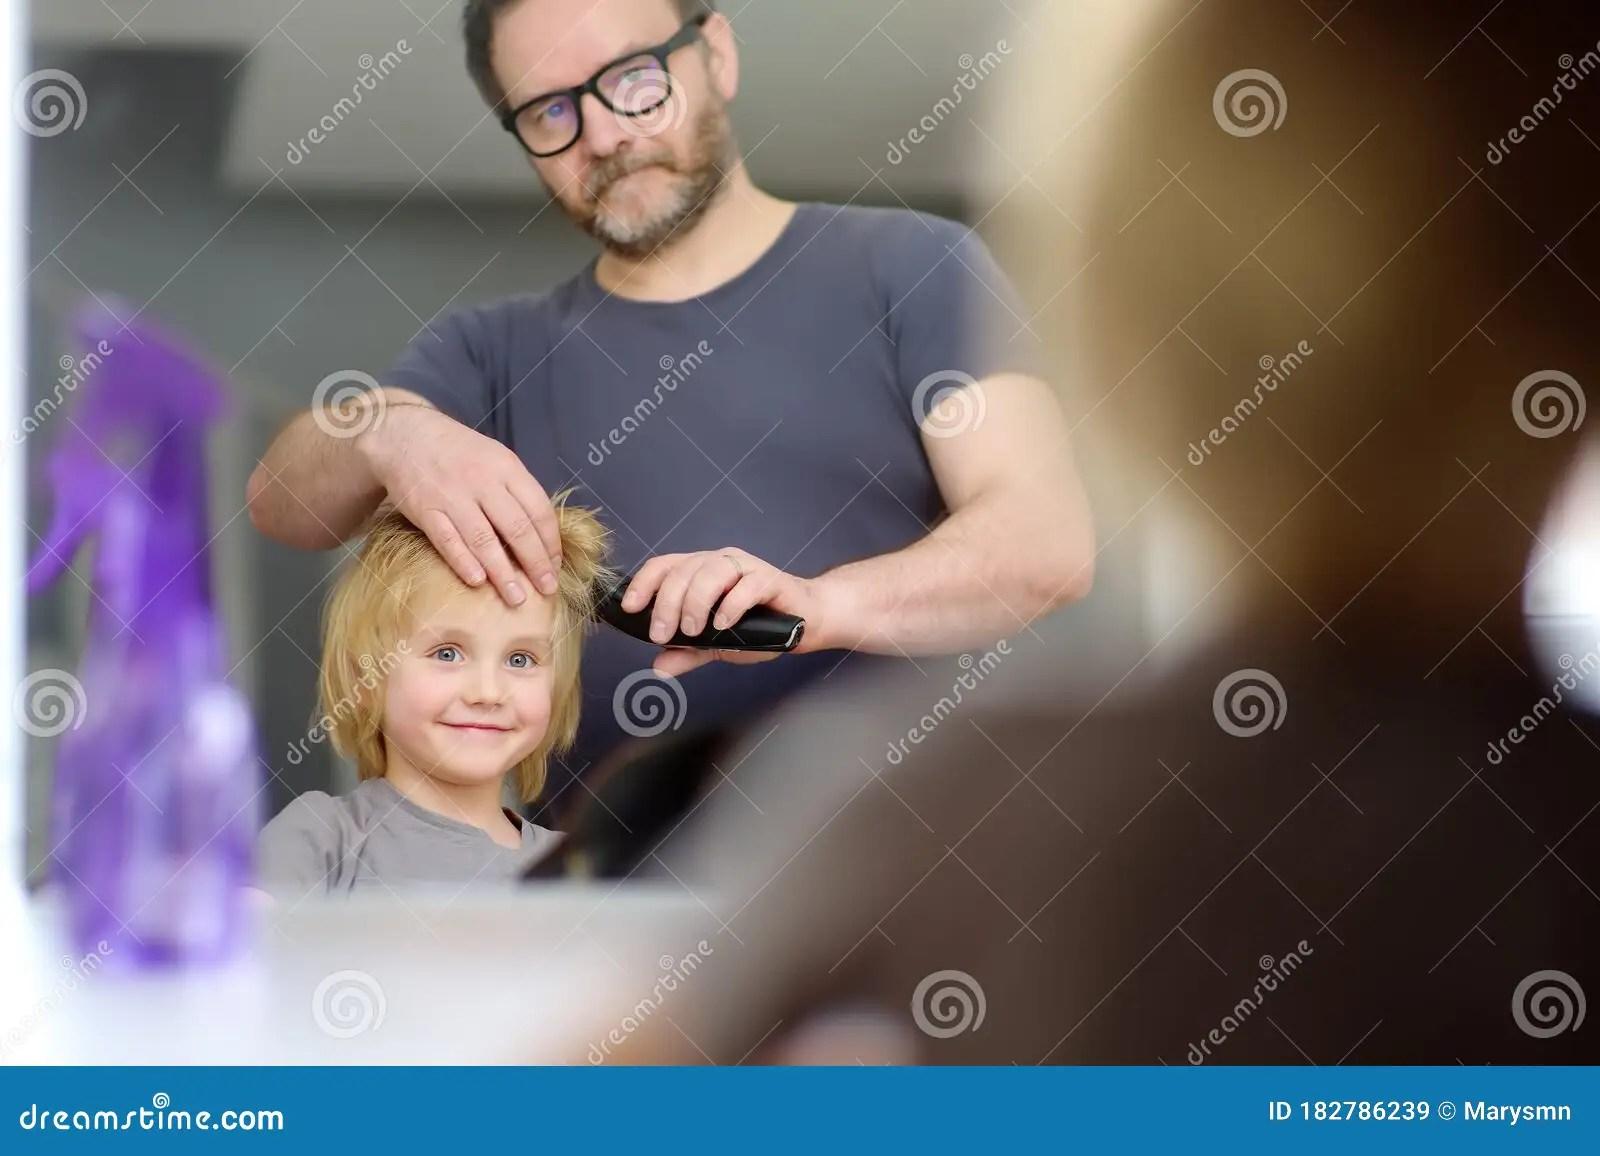 Preschooler Boy Gets Haircut At Home During Quarantine